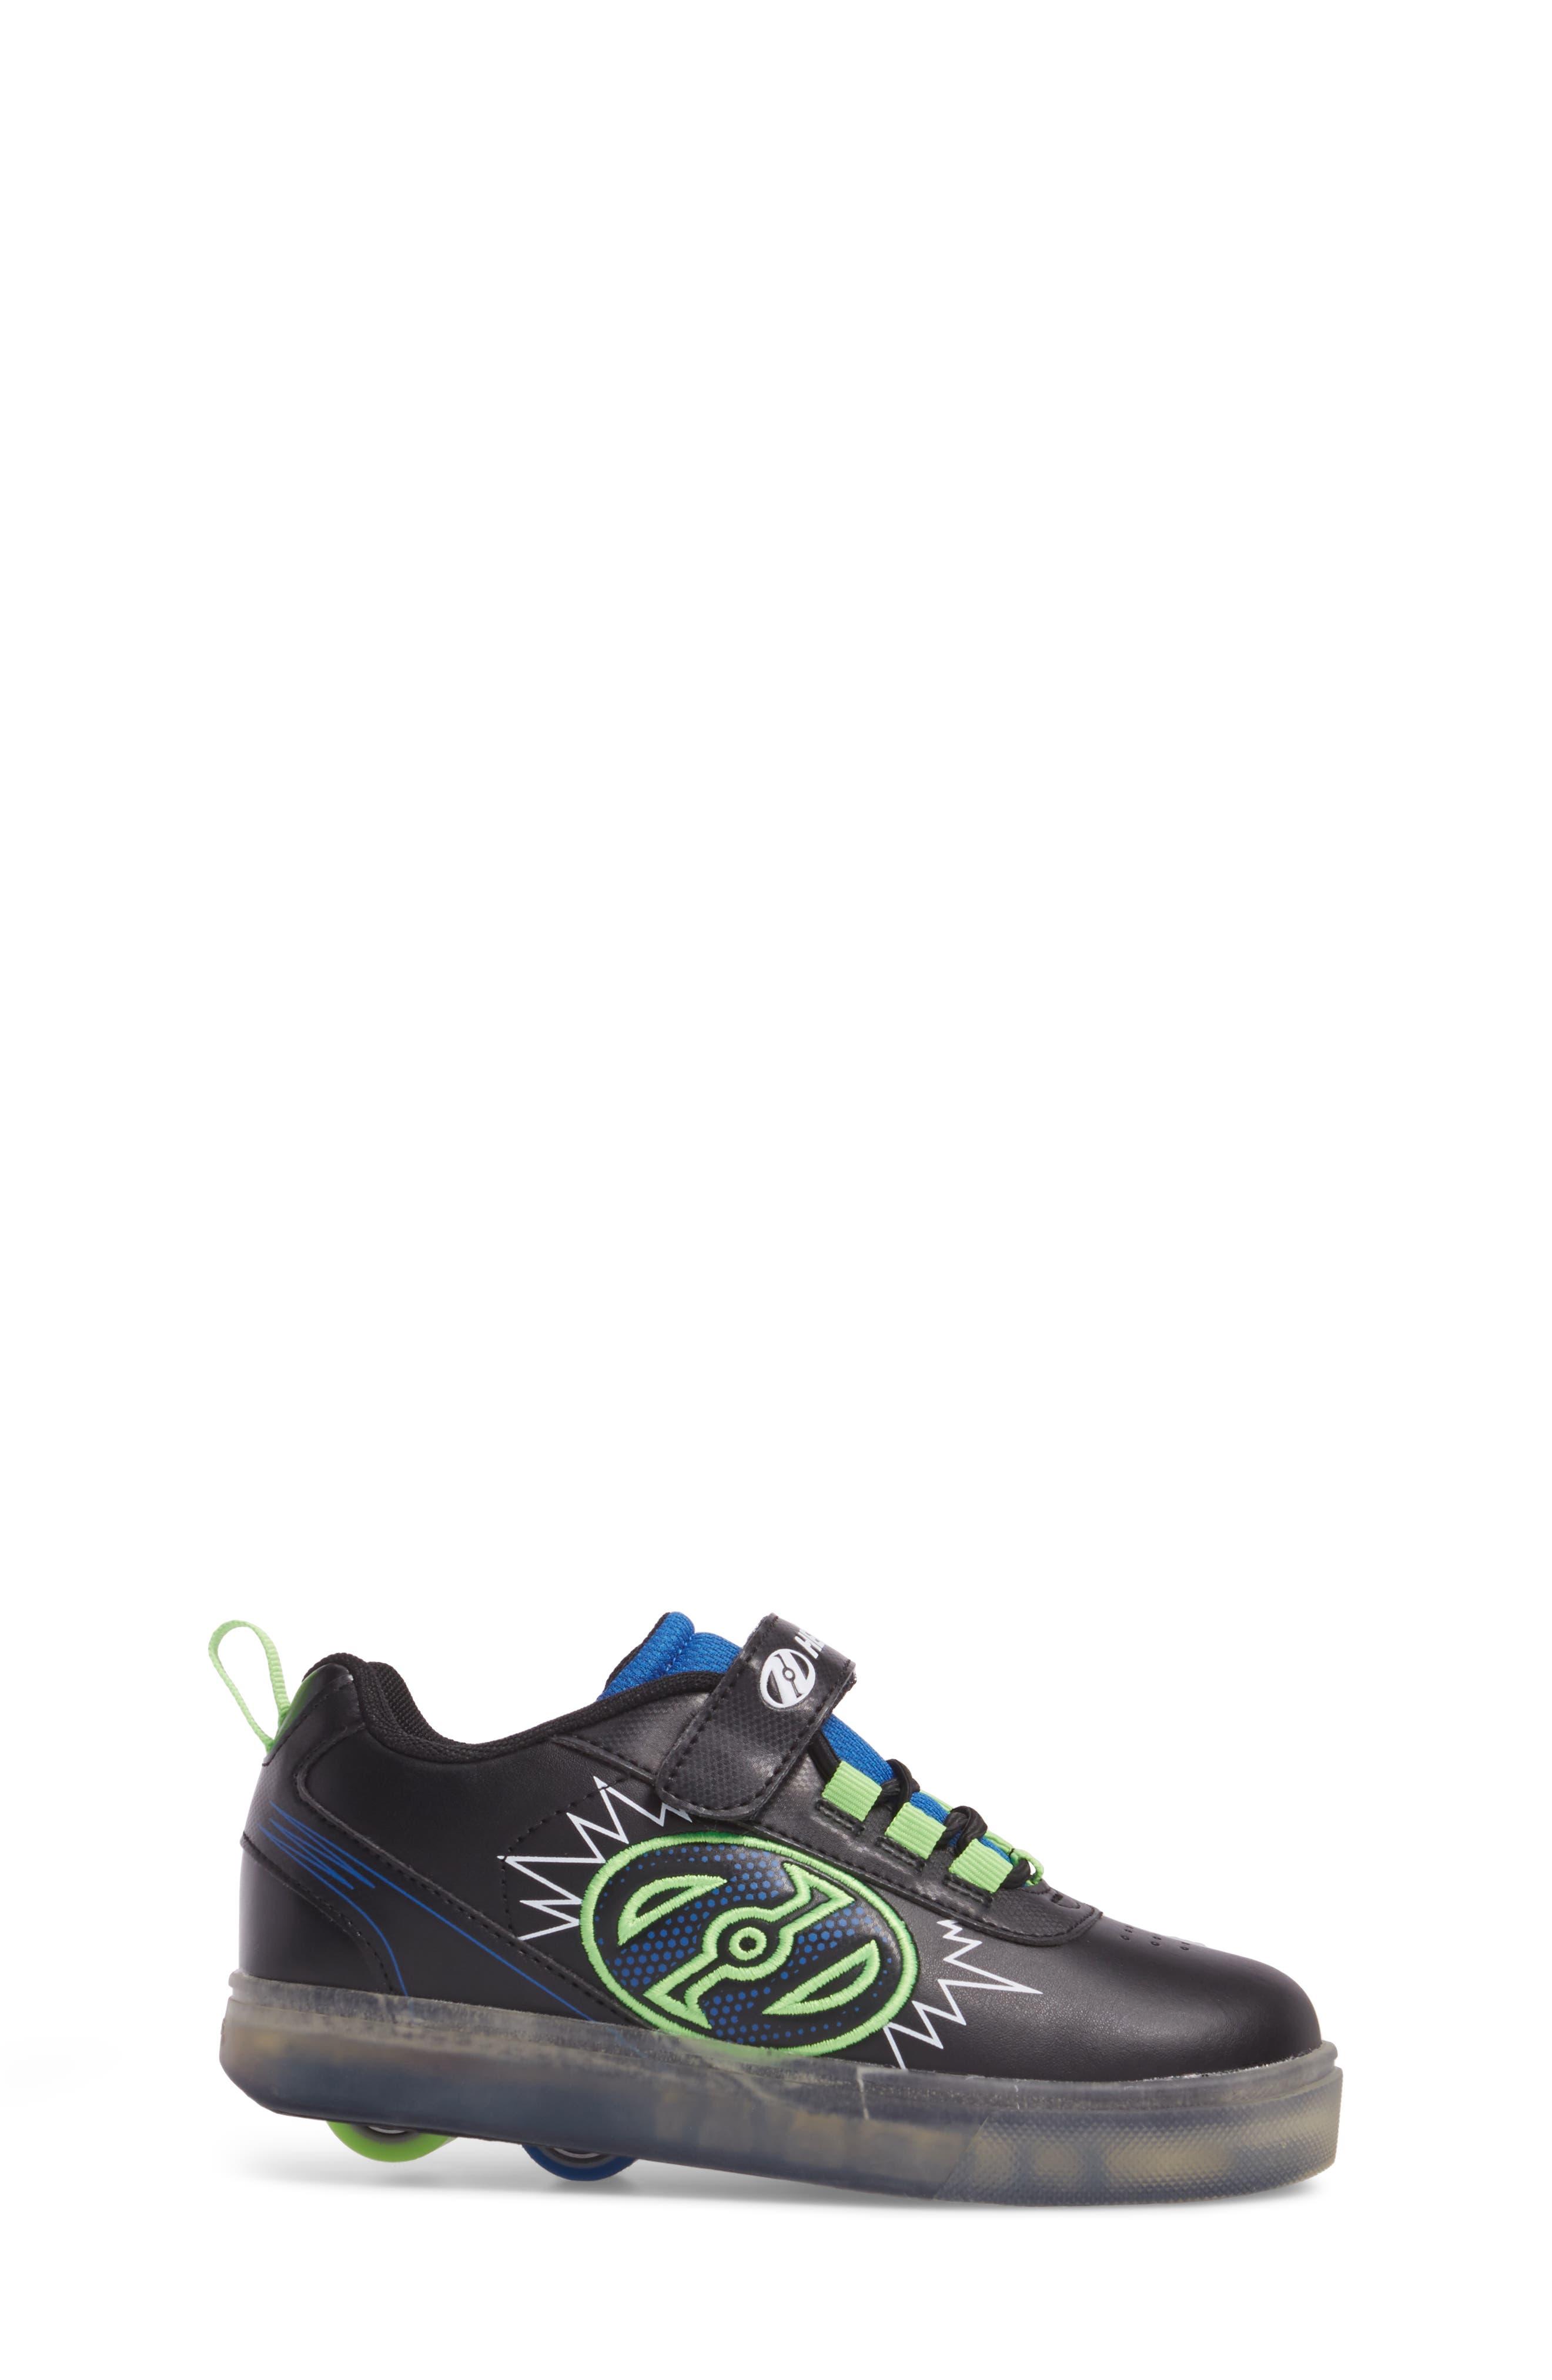 Pow X2 Light-Up Wheeled Skate Sneaker,                             Alternate thumbnail 3, color,                             Black/ Blue/ Green